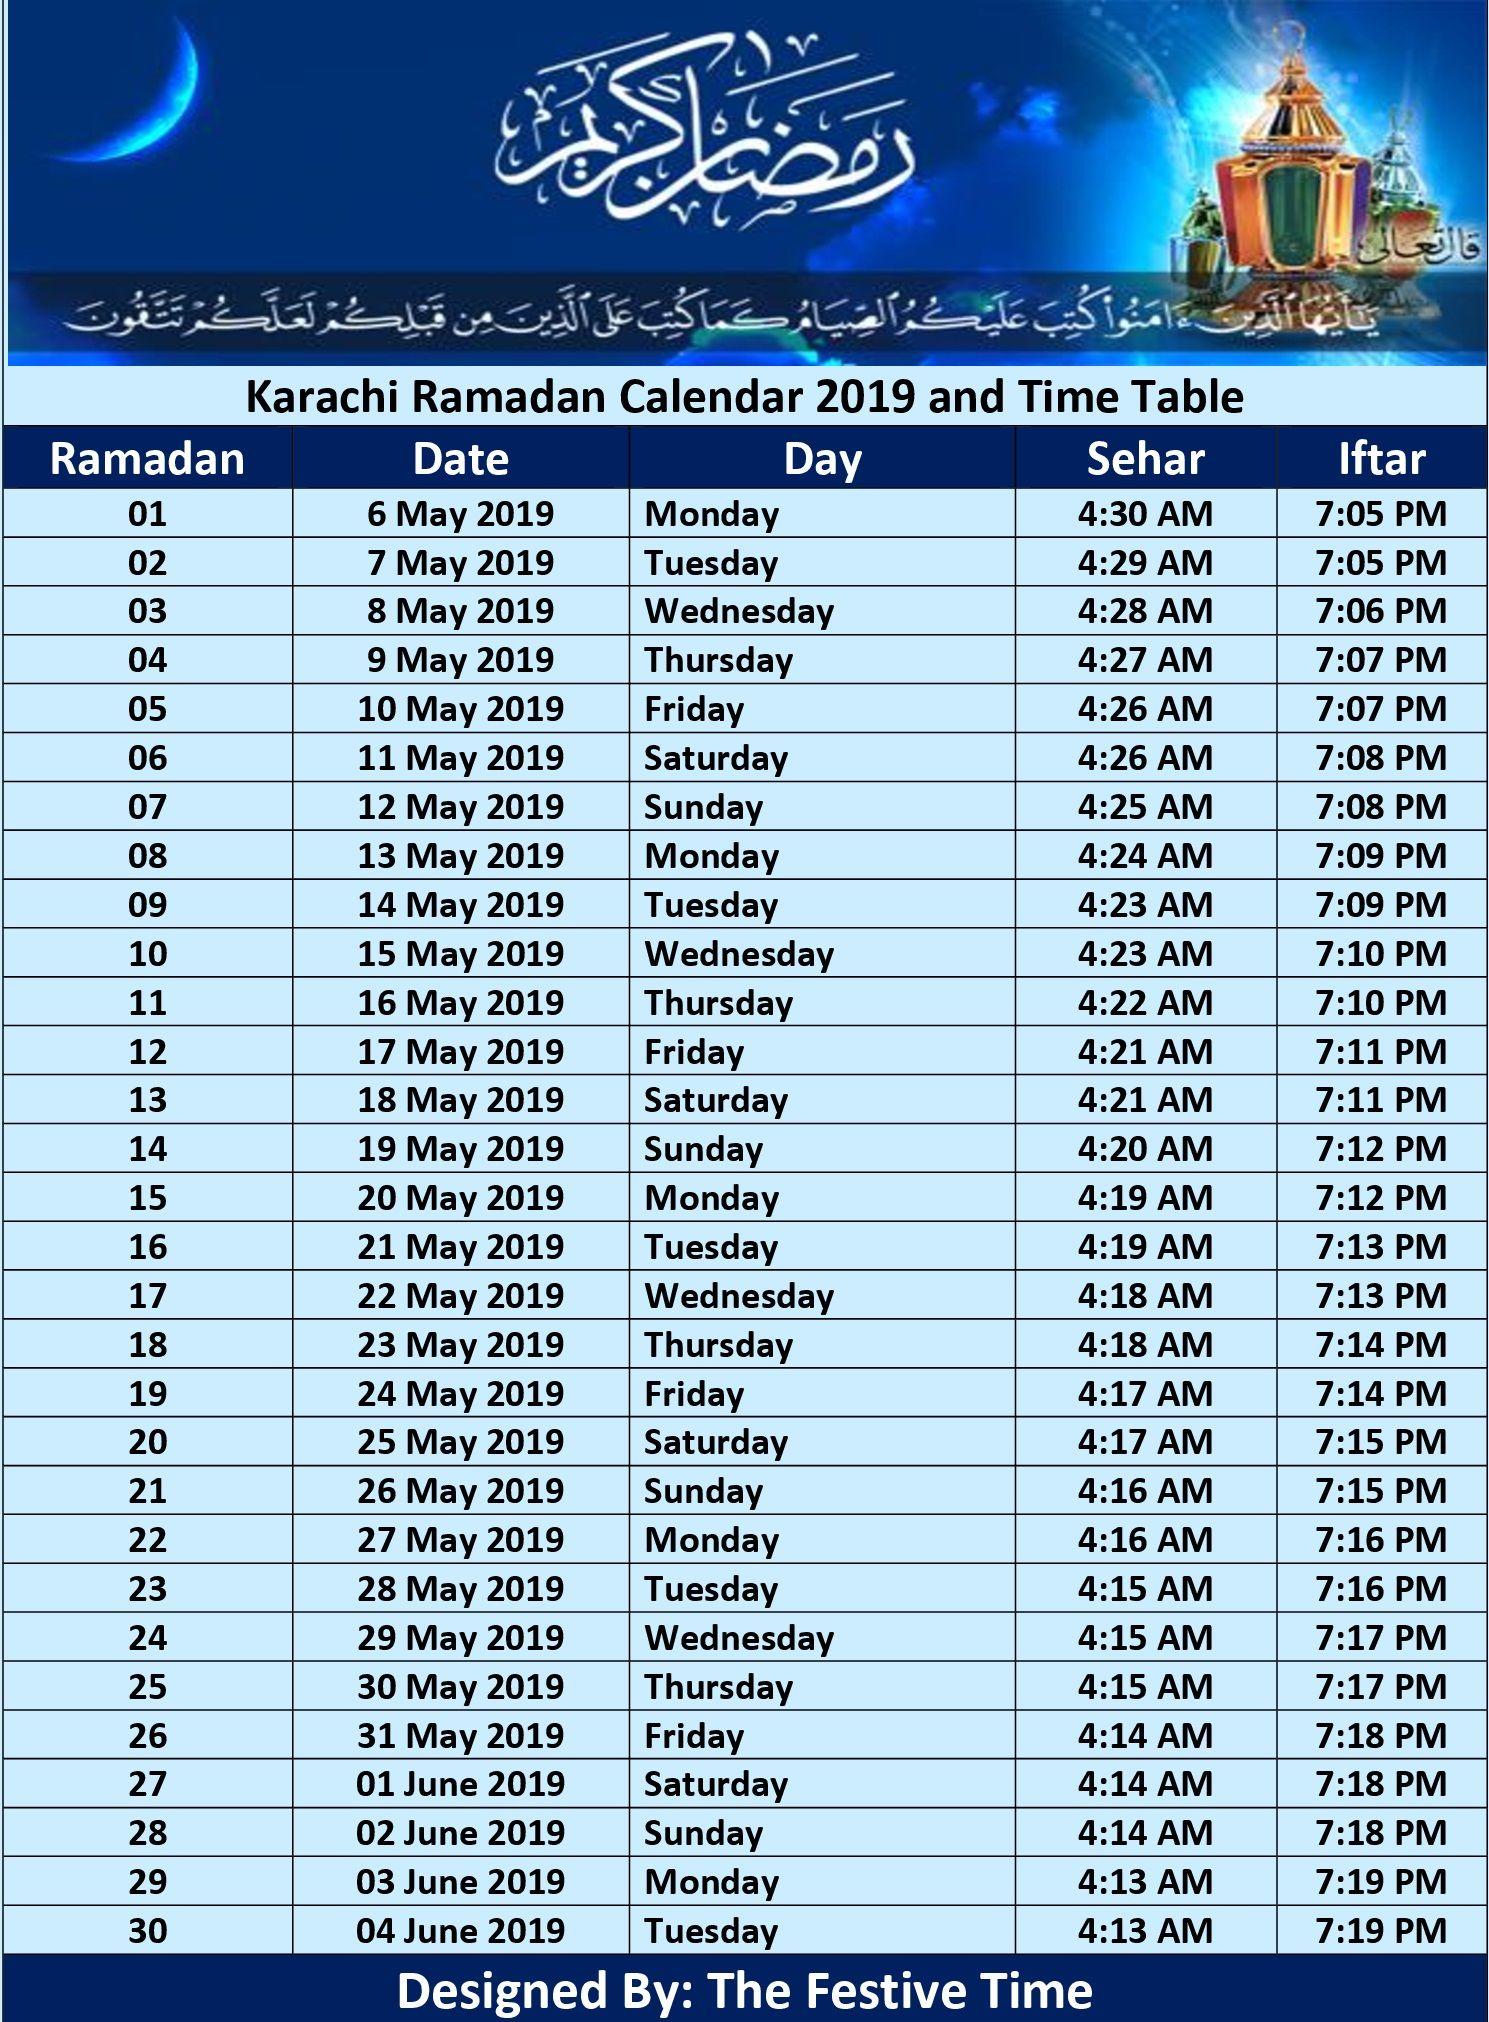 First Ramadan 2019 In Pakistan Ramadan 2019 Date Pakistan Ramadan 2019 Calendar Ramadan Calendar 2019 Lahore 2019 Ramadan Calen Ramadan Iftar Ramadan Dates